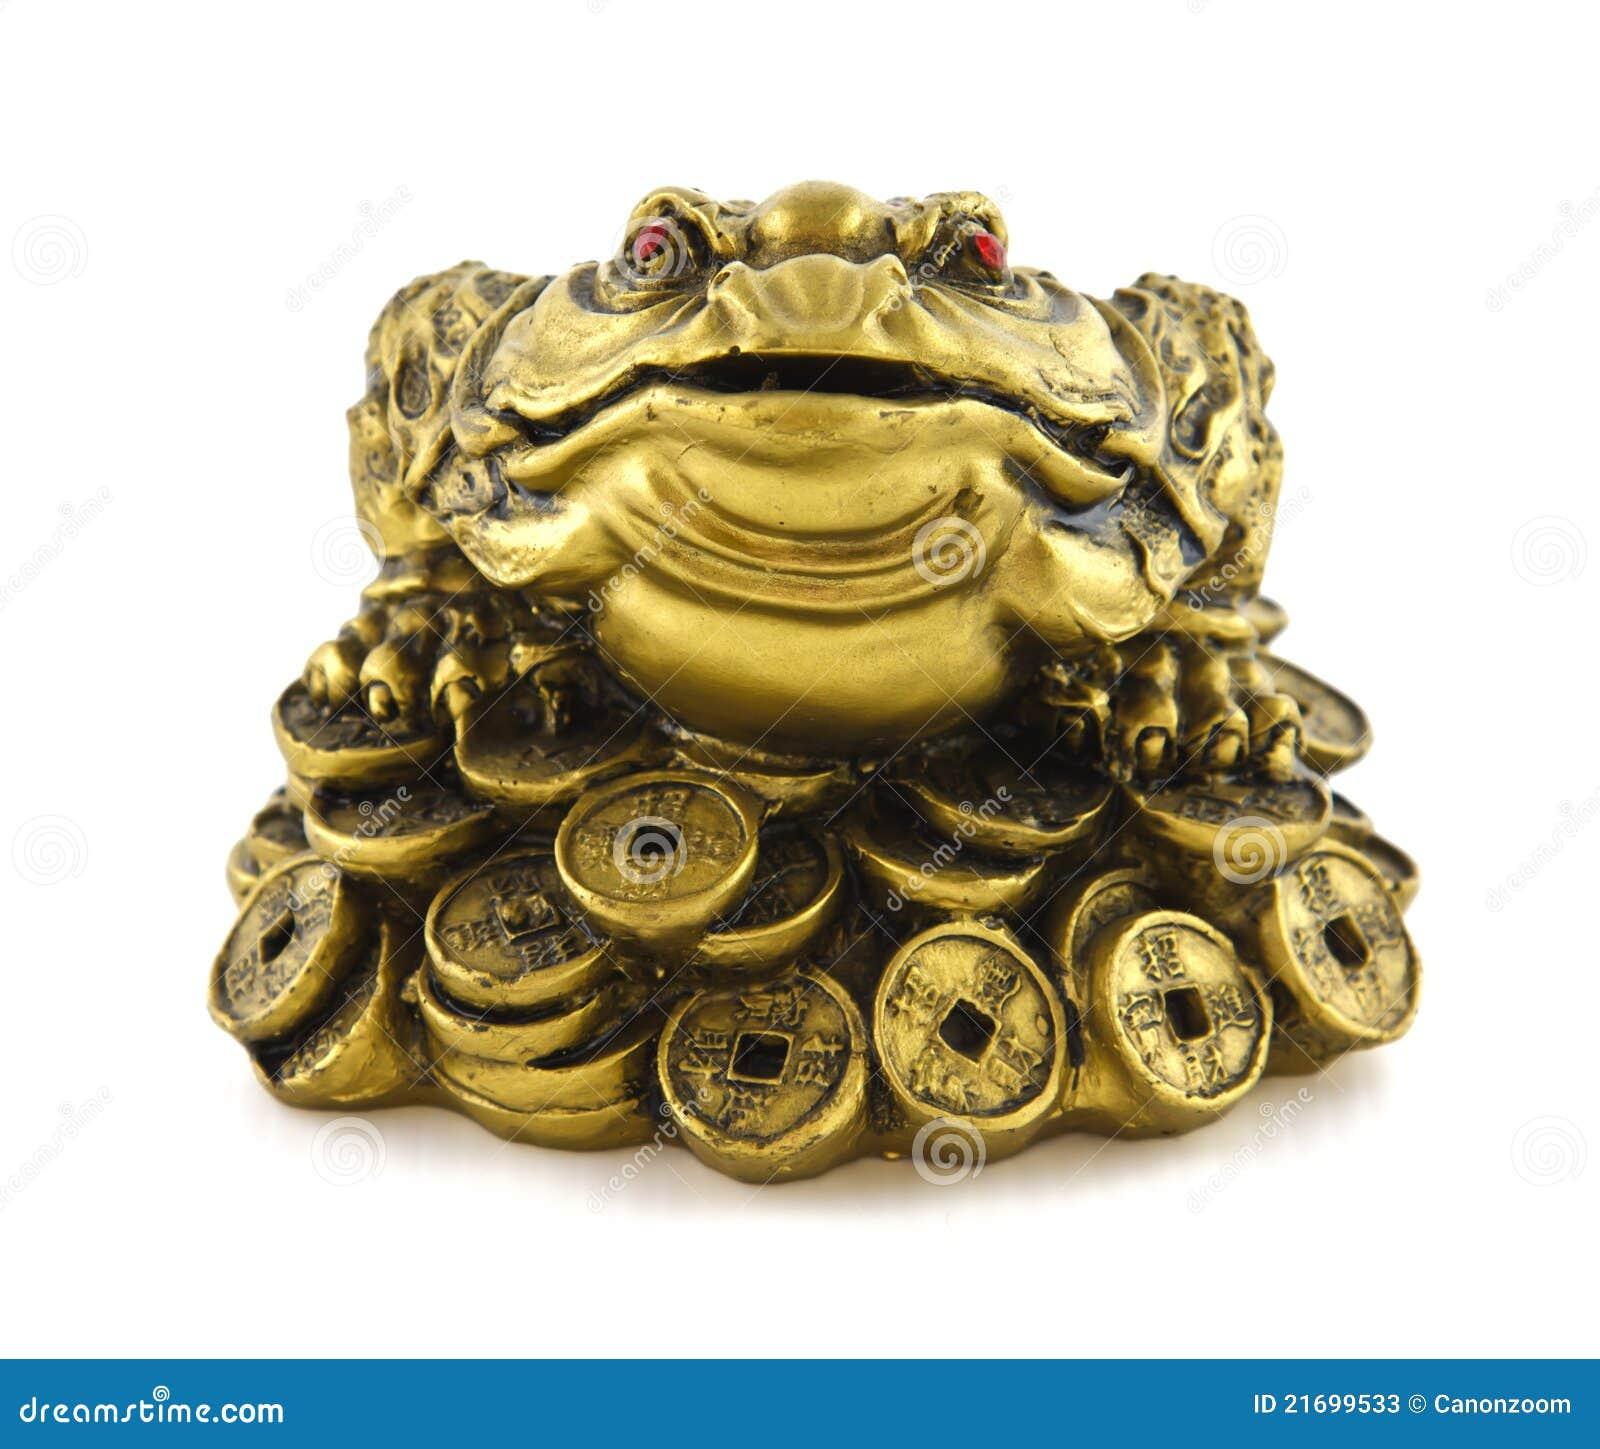 grenouille chanceuse chinoise d 39 argent de feng shui pour la bonne chance photos stock image. Black Bedroom Furniture Sets. Home Design Ideas